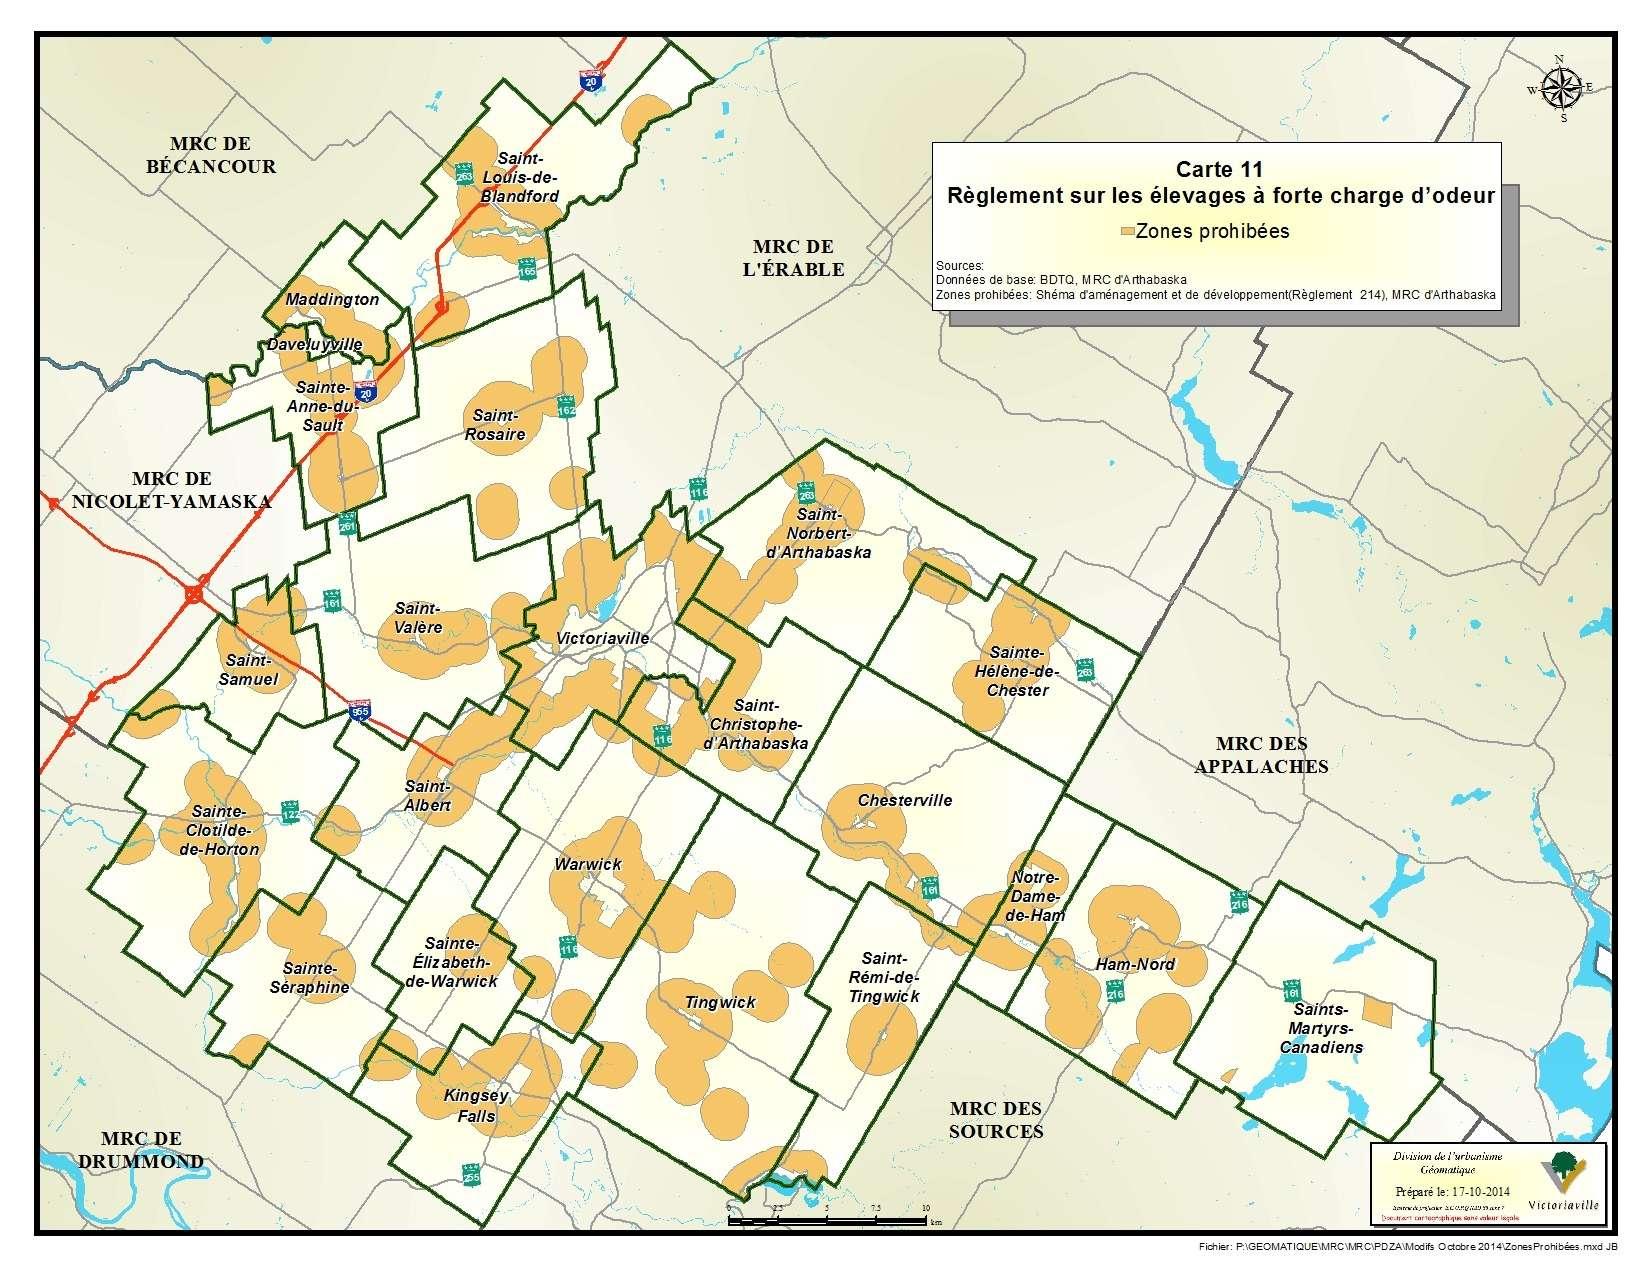 Carte 11 de 23 - Règlement sur les élevages à forte charge d'odeur